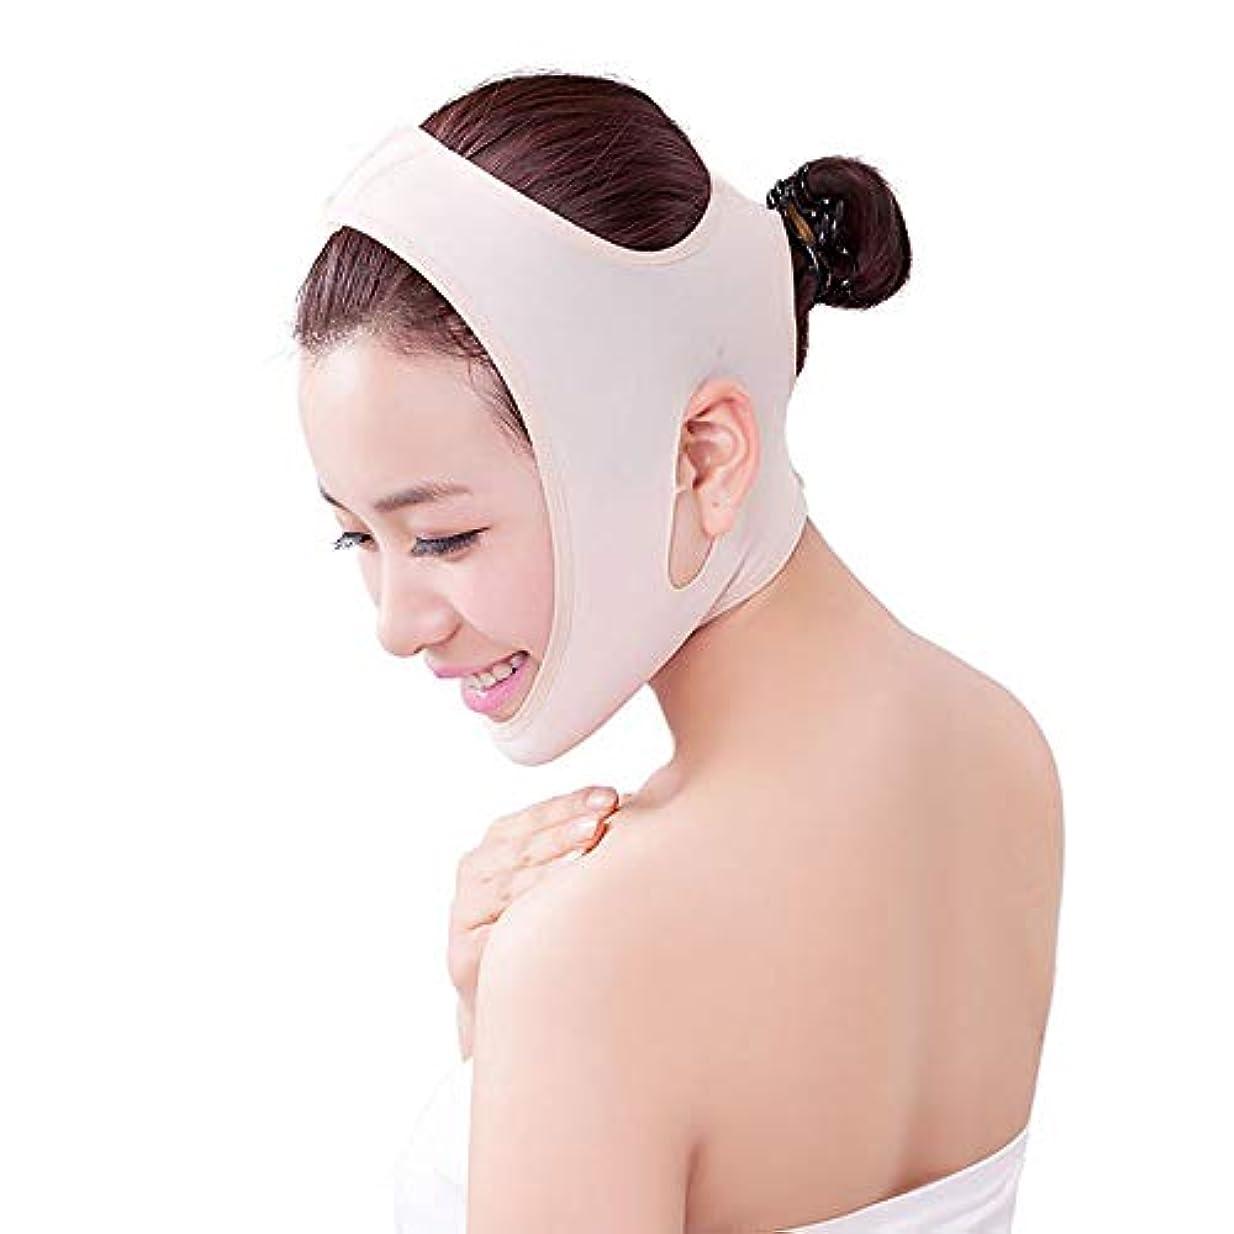 異形スリーブバスケットボールフェイスリフティング包帯、ダブルチンリフト、法律、男性用および女性用マスクへの固着、vフェイスマスク,XL